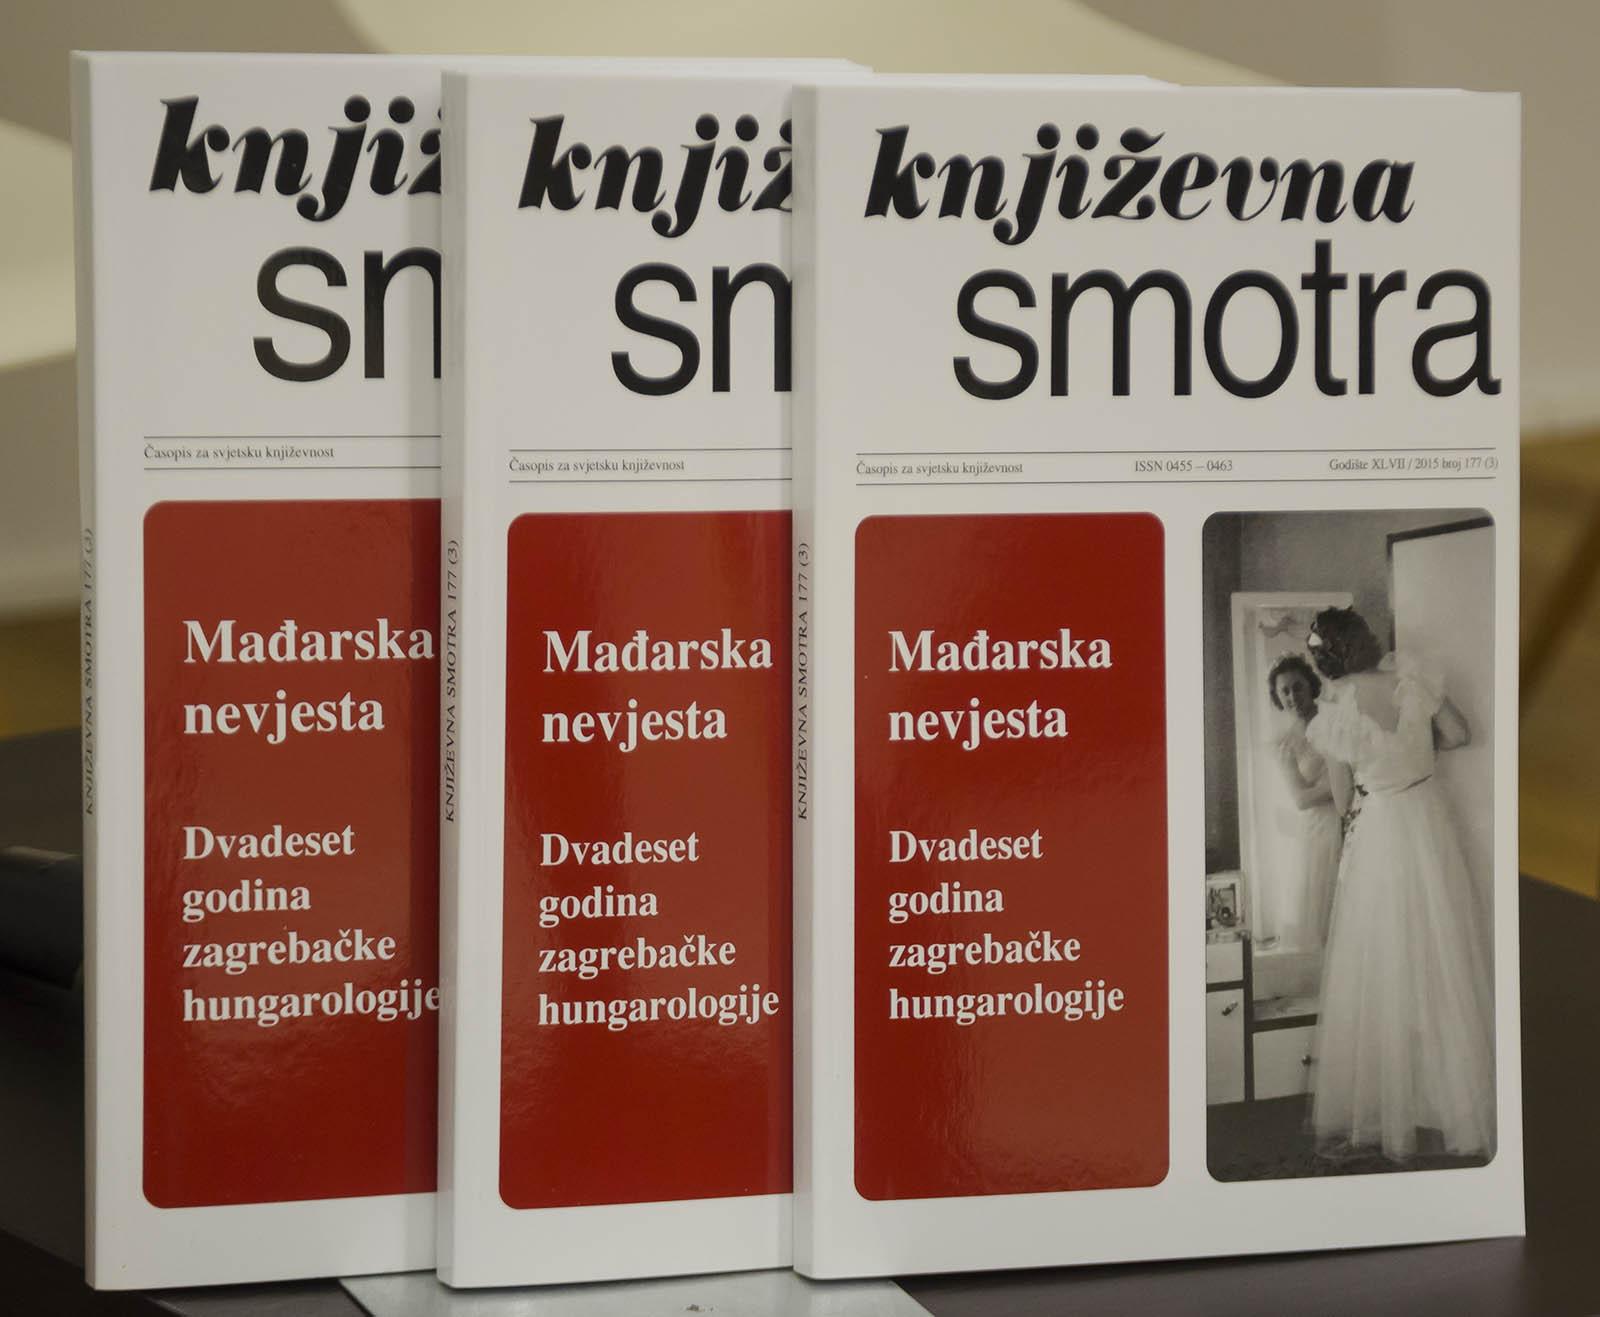 Madjarsko Kulturno Vece 2